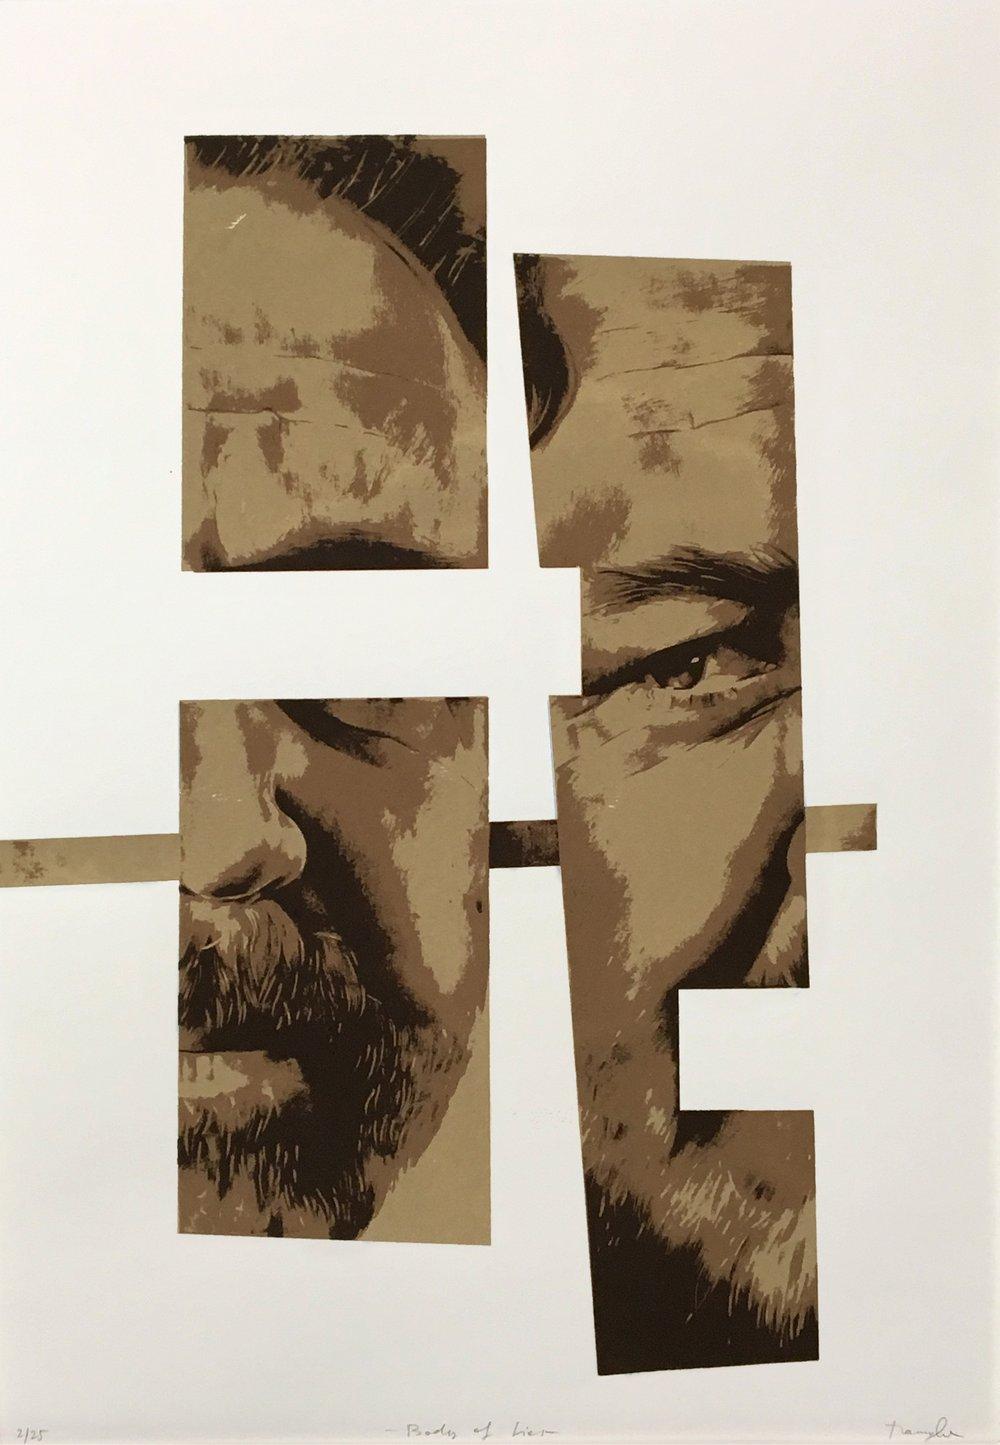 Body of Lies by Katarzyna Tomaszewska